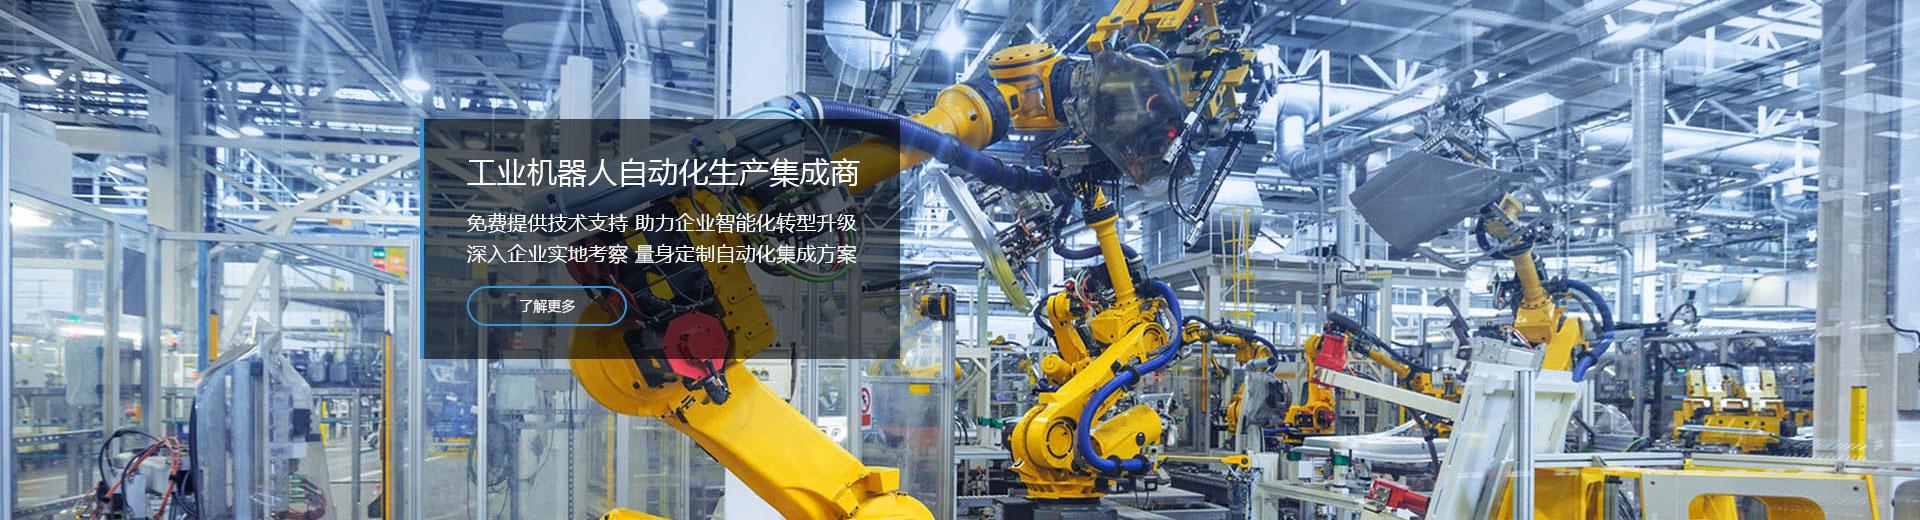 焊接工业机器人规格